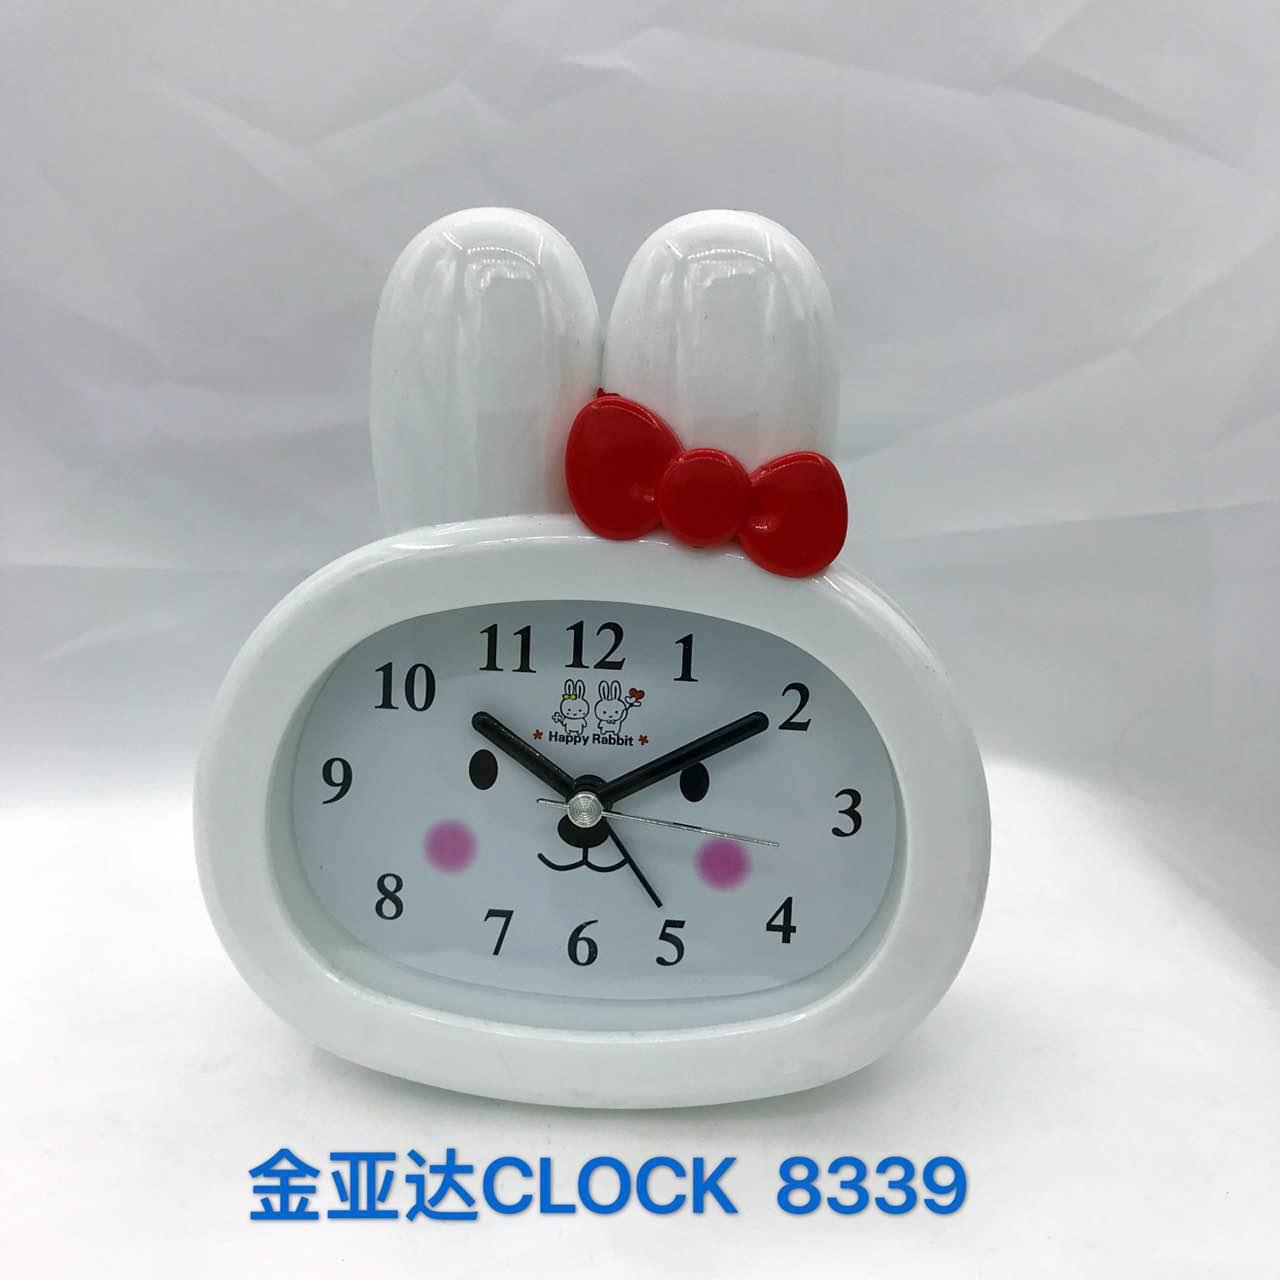 小闹钟 卡通钟 闹钟 钟表 学生钟 小动物钟